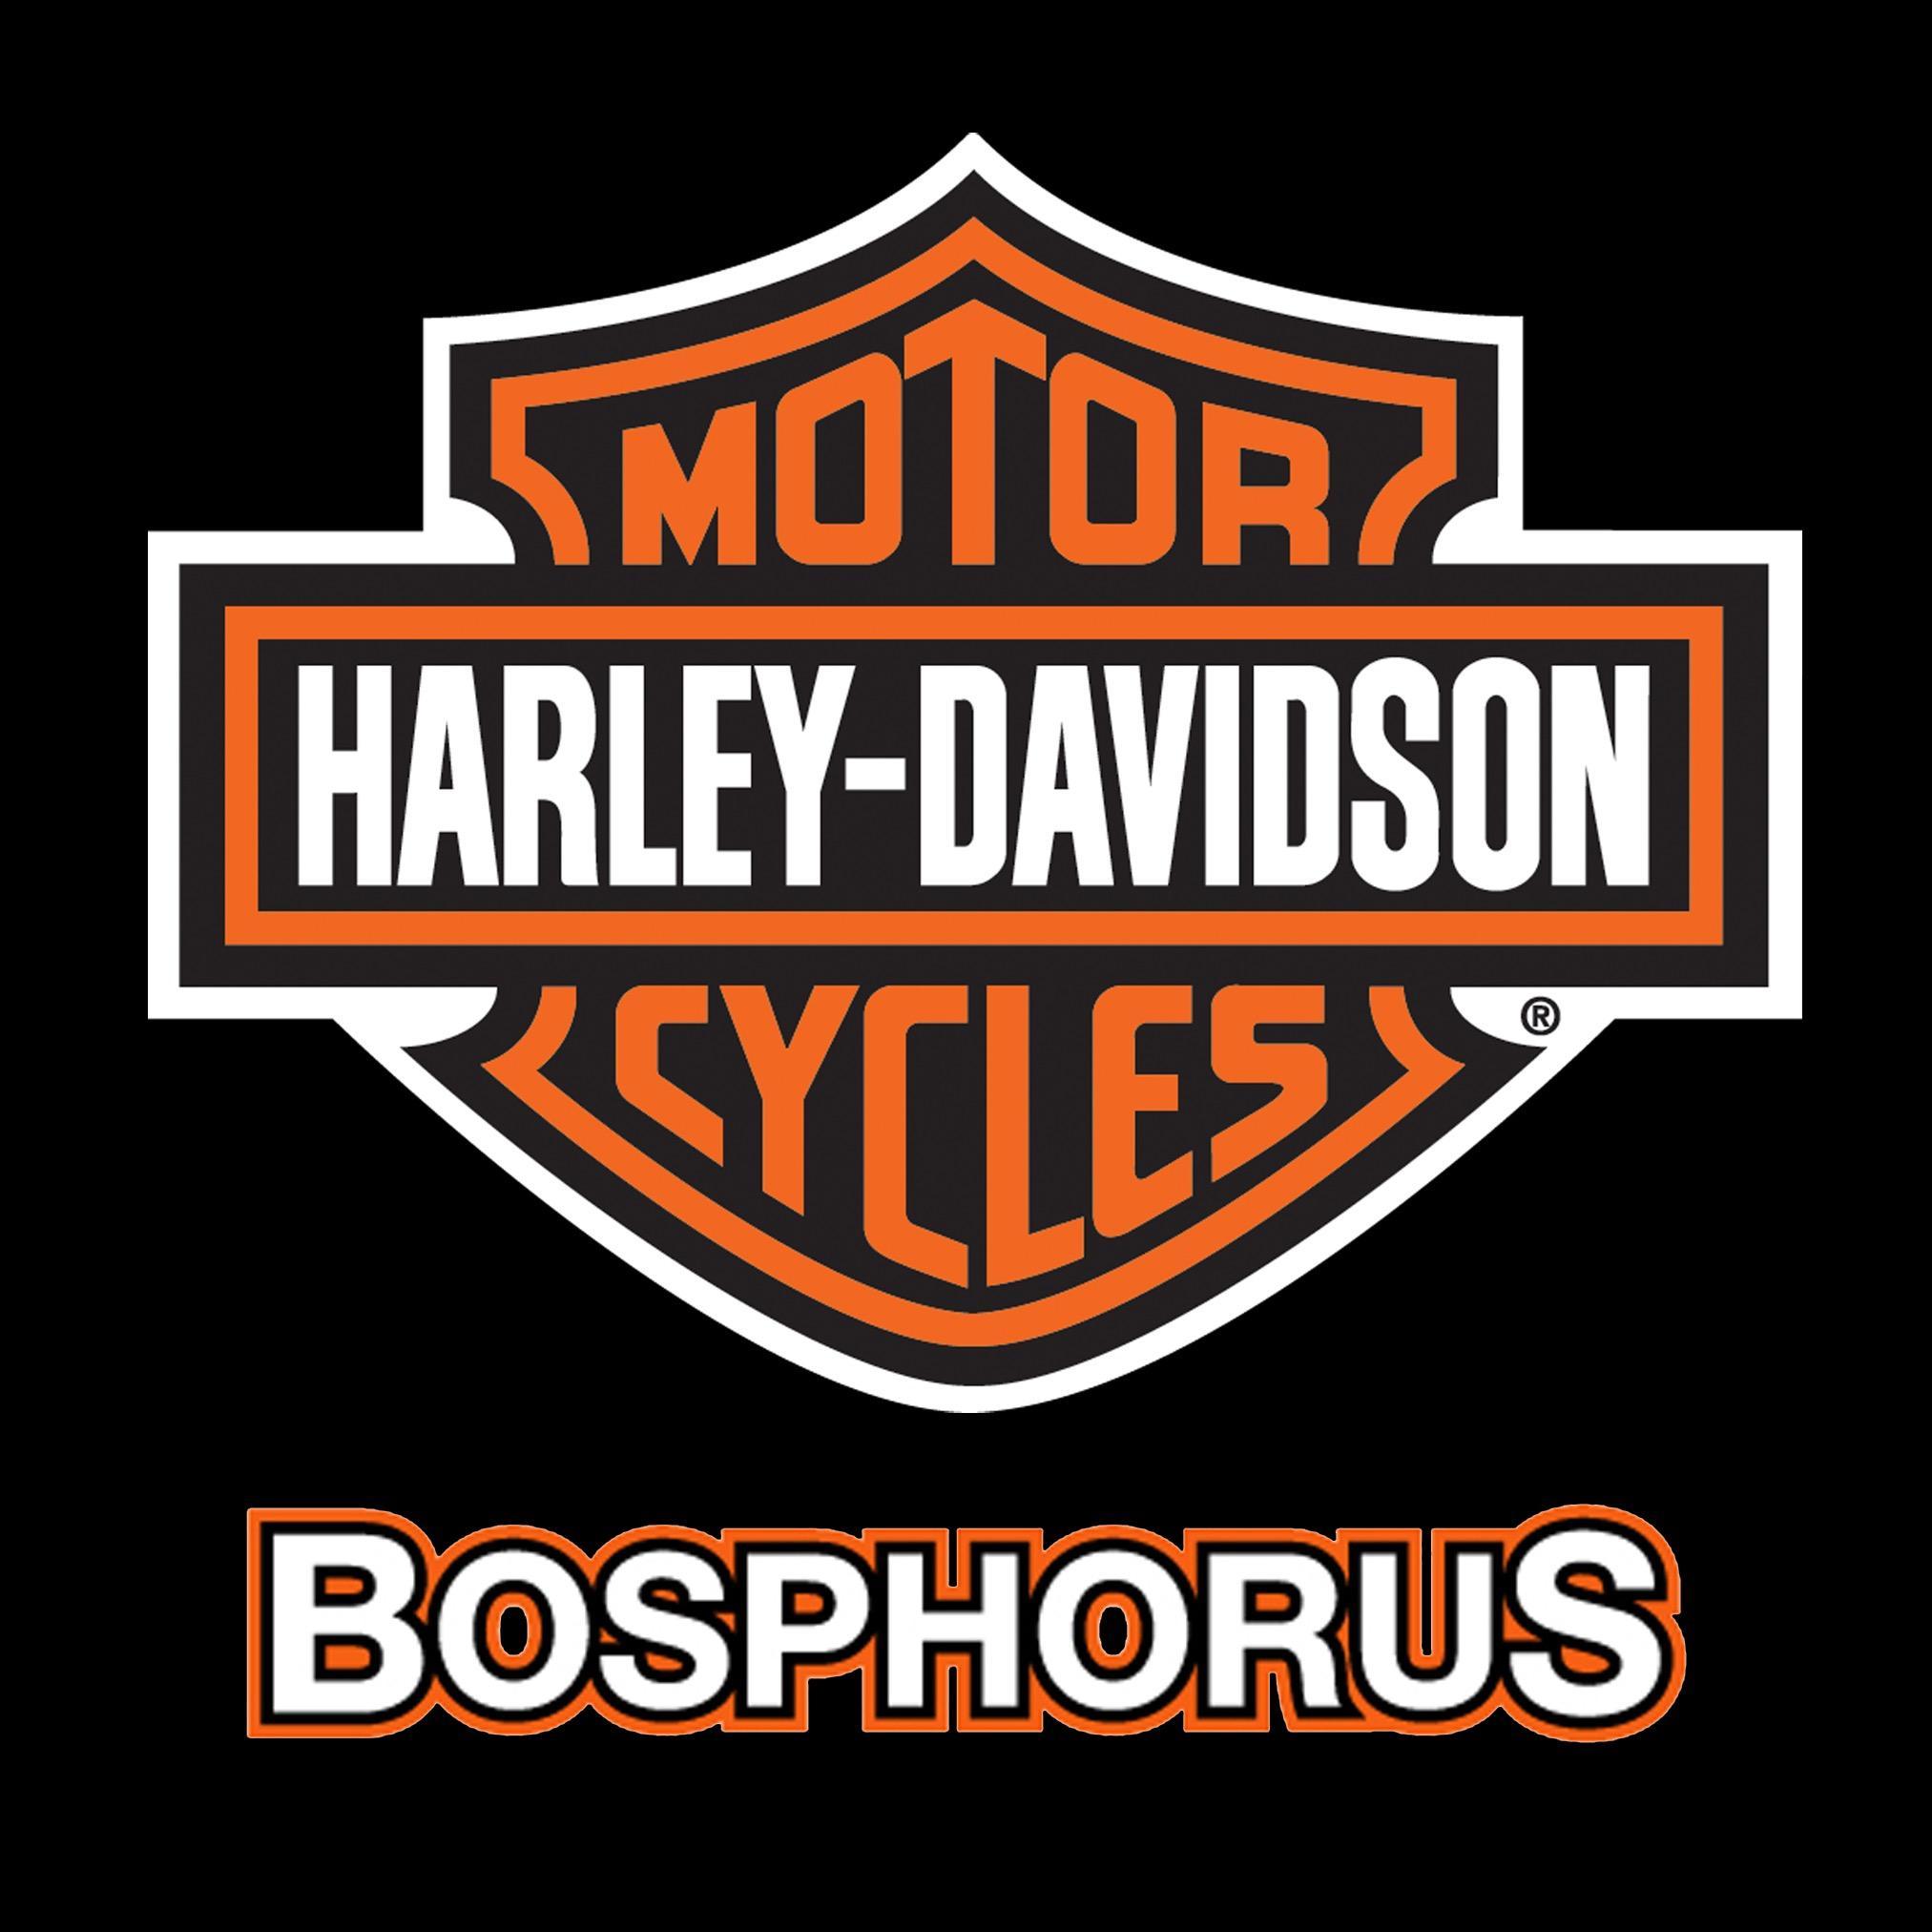 H-D Bosphorus